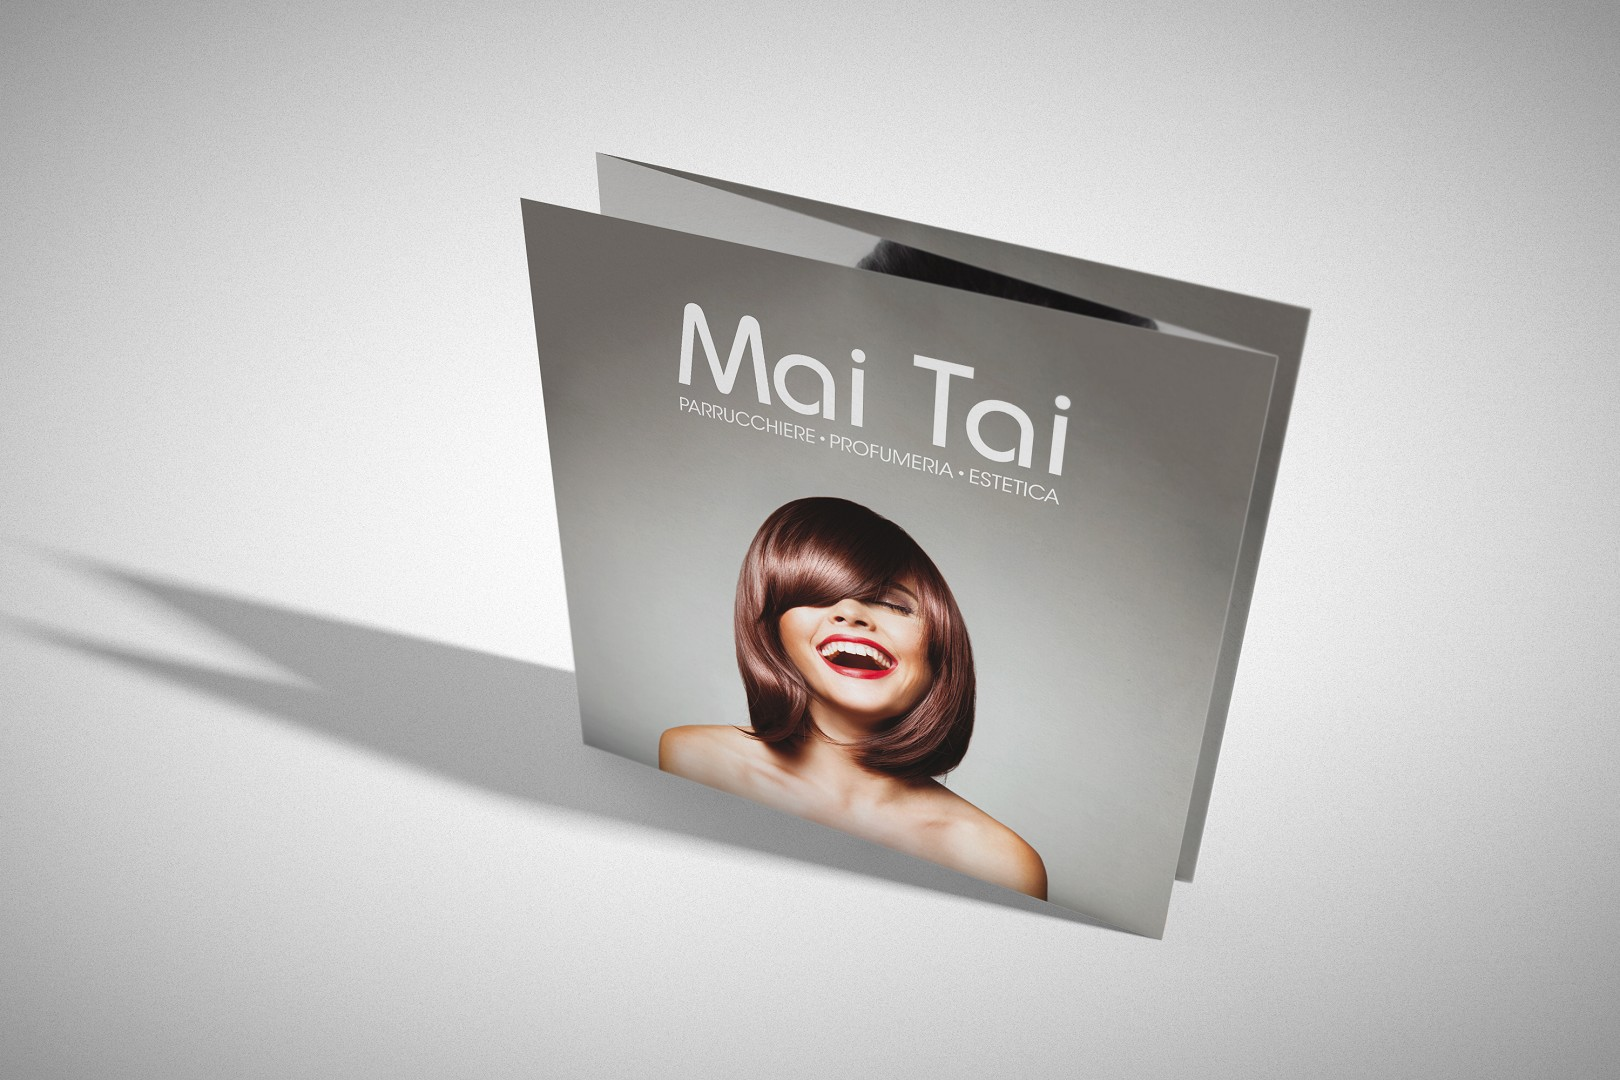 afe103cfab Tormena stampa digitale di qualità a genova | stampa fine art online ...